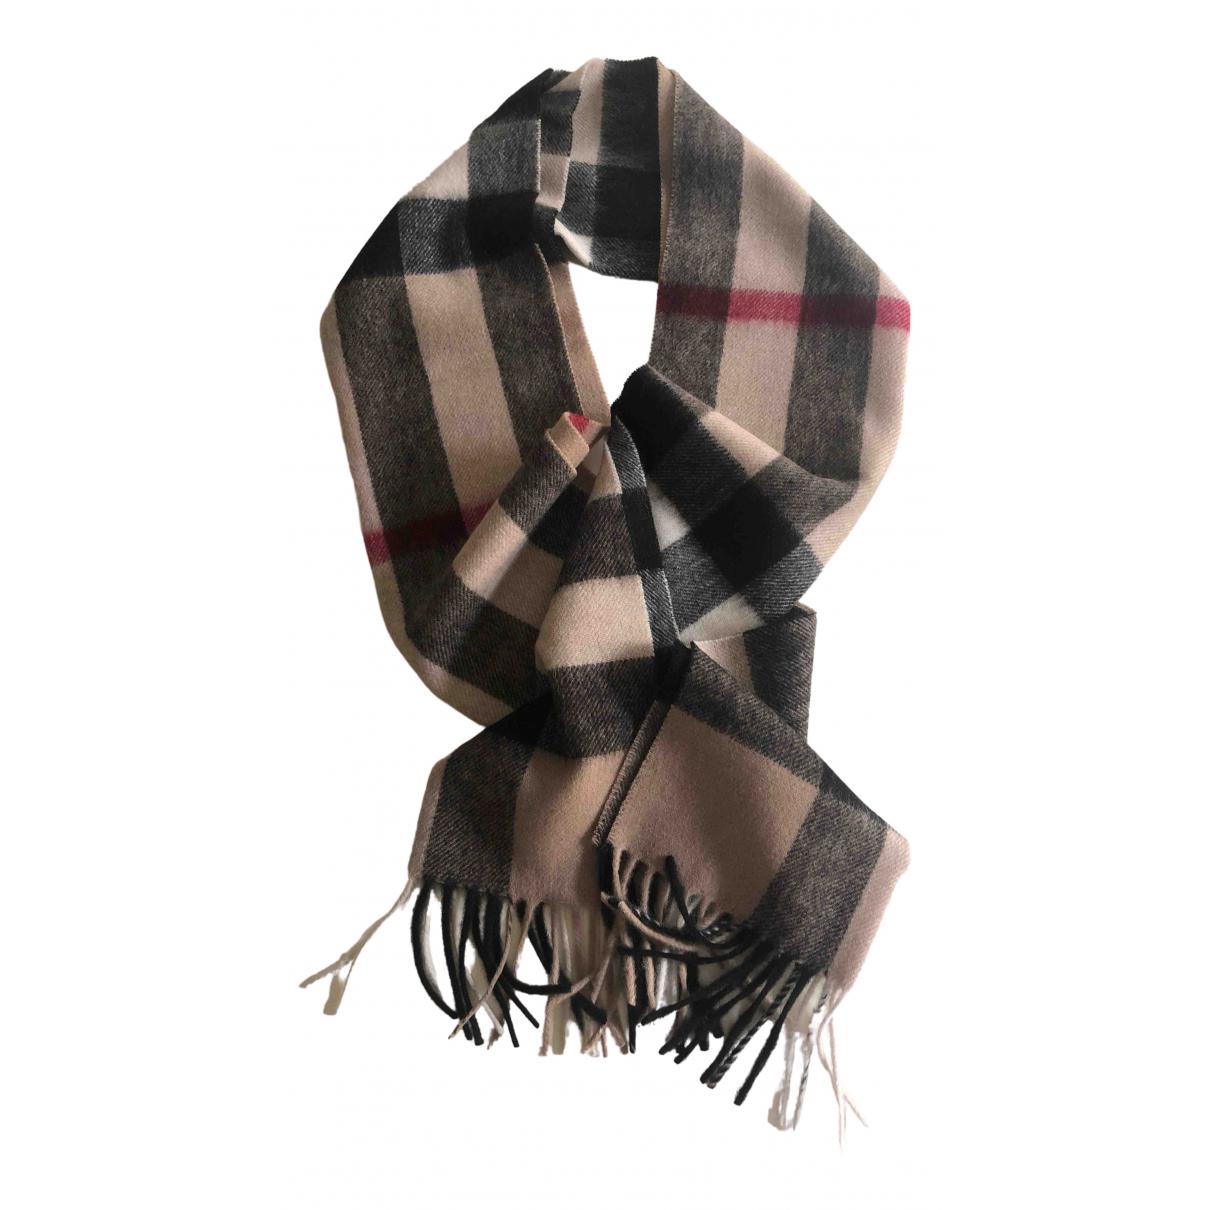 Ugg - Foulard   pour femme en laine - multicolore